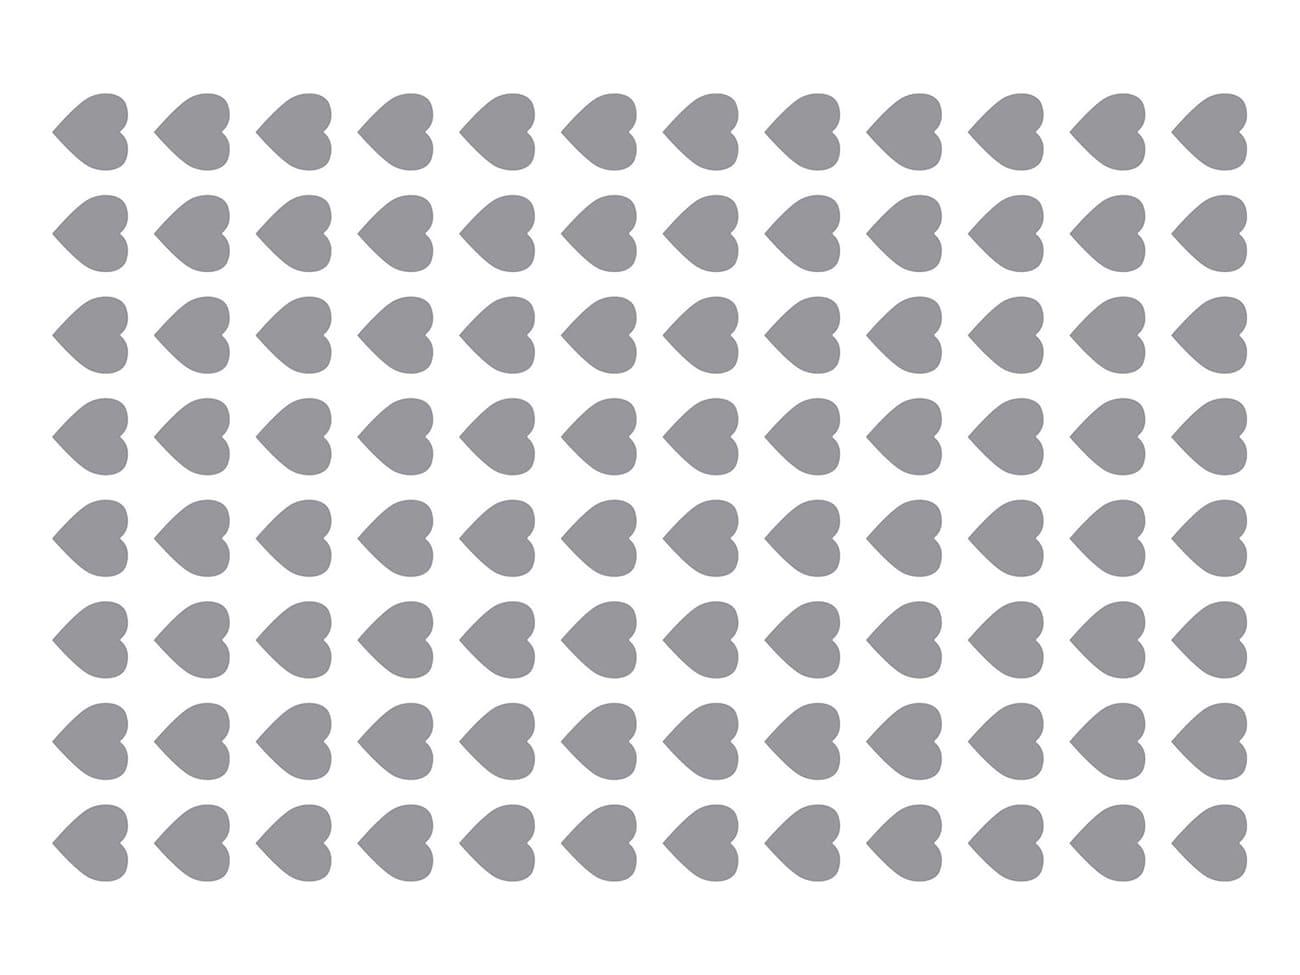 NICEXMAS 12 Pcs De No/ël Pochoir De Biscuit Pochoirs De Caf/é Latte Art Pochoirs De No/ël Arbre De Rennes Pochoirs pour Toutes Sortes De Mousse Coupe G/âteau Blanc